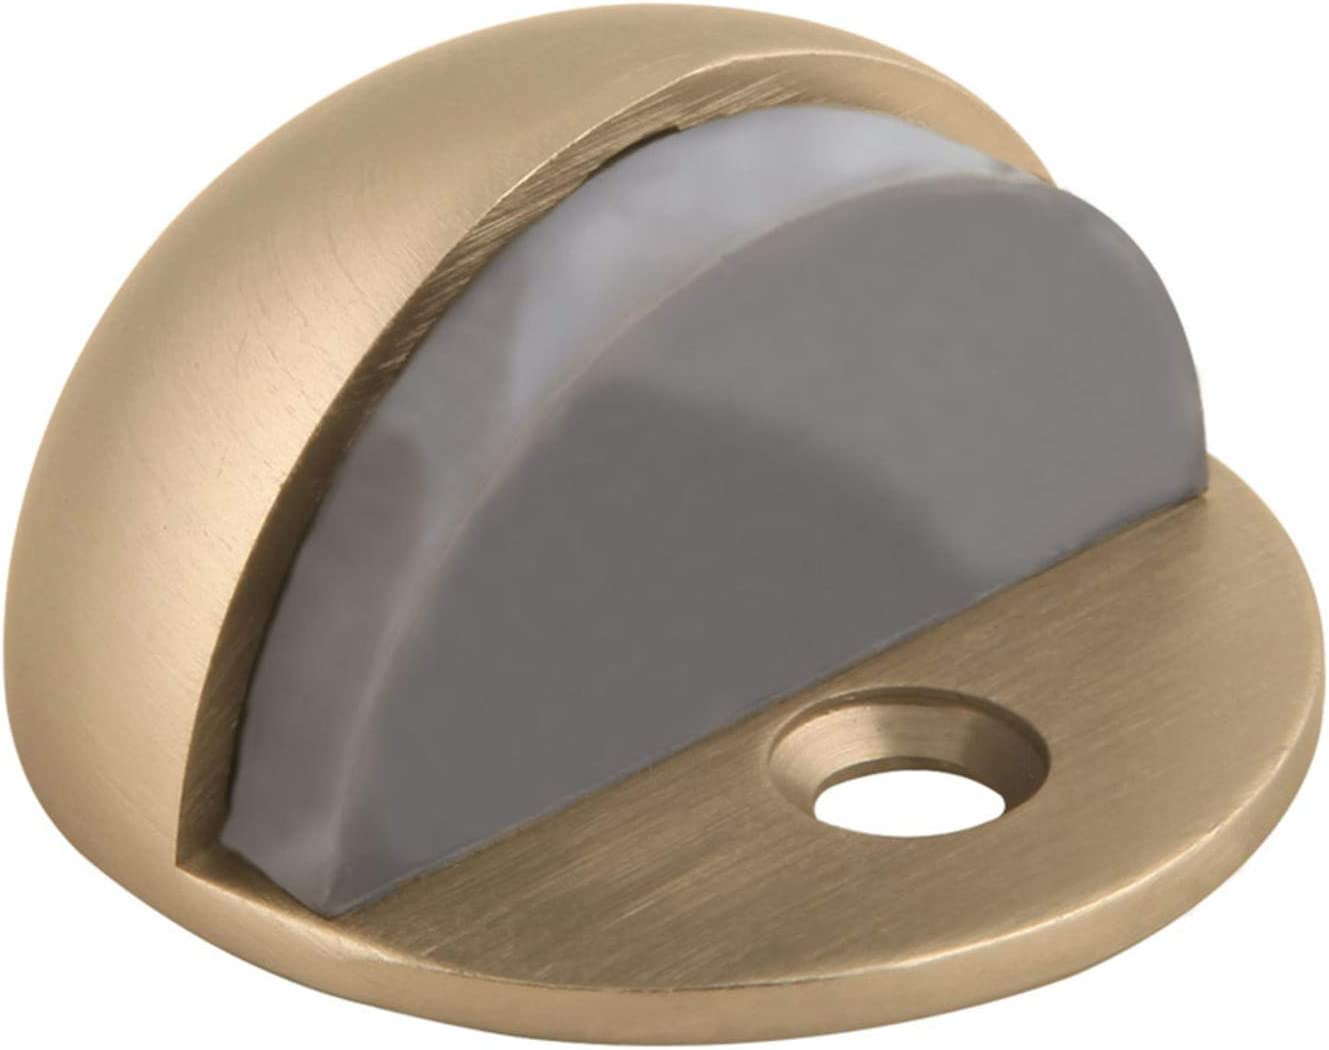 Design House Accessories 204750 Floor Mounted Dome Door Stop, Satin Brass